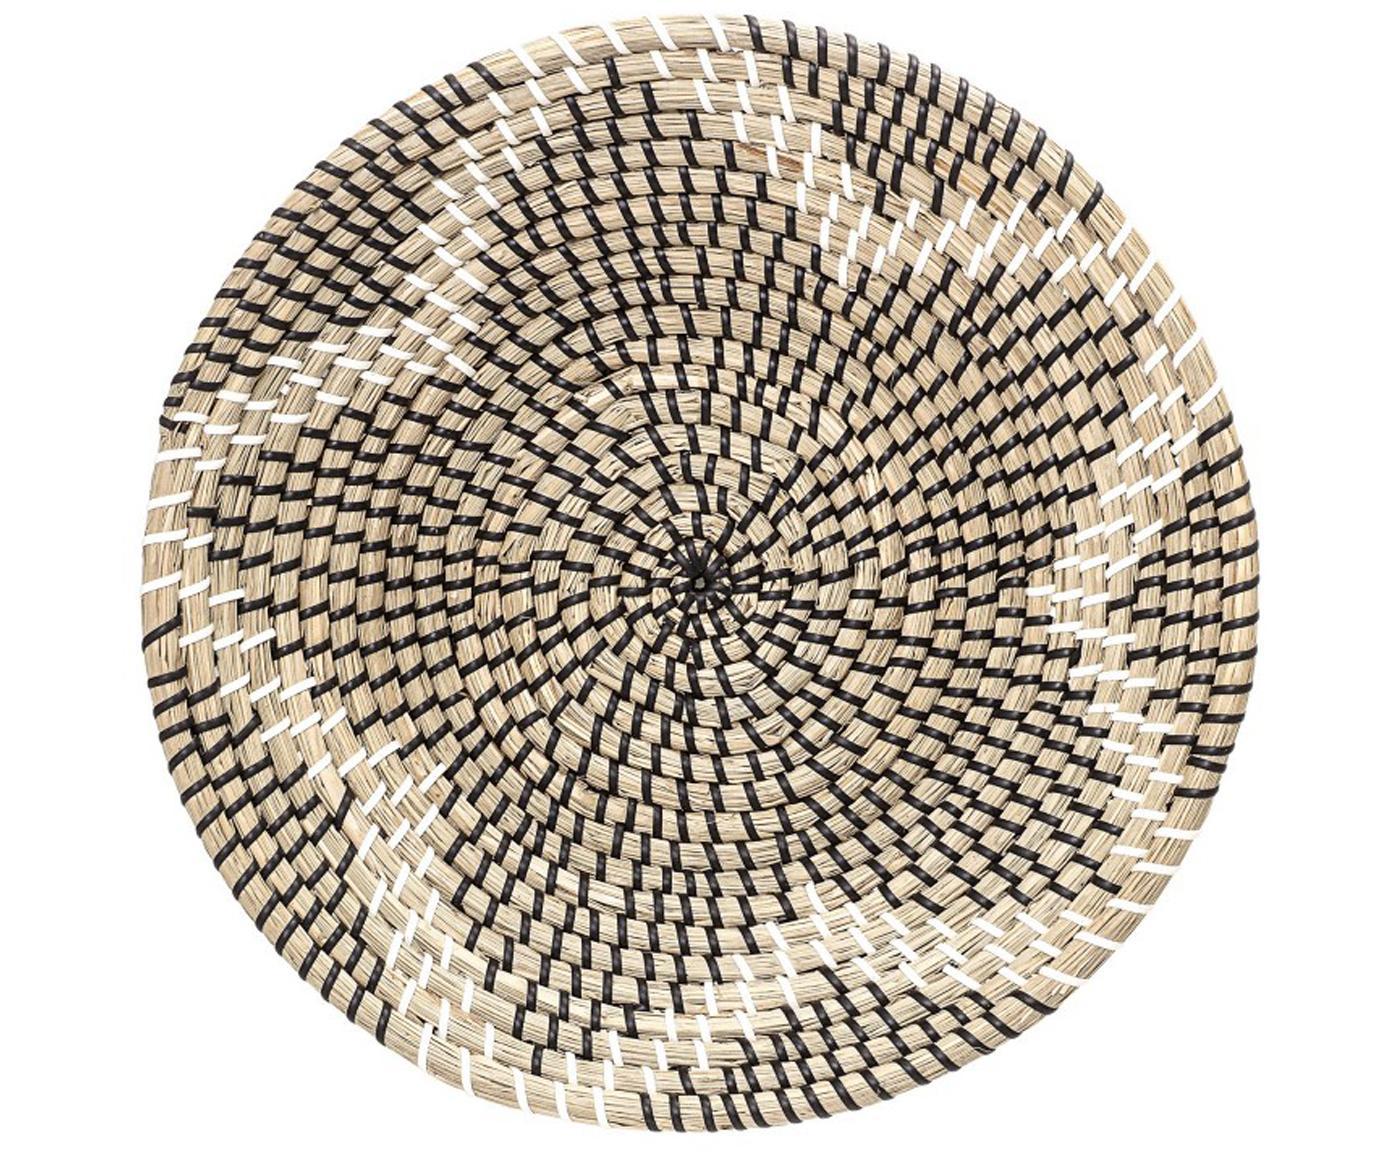 Dekoracja ścienna z trawy morskiej Star, Trawa morska, Beżowy, czarny, Ø 36 x G 7 cm